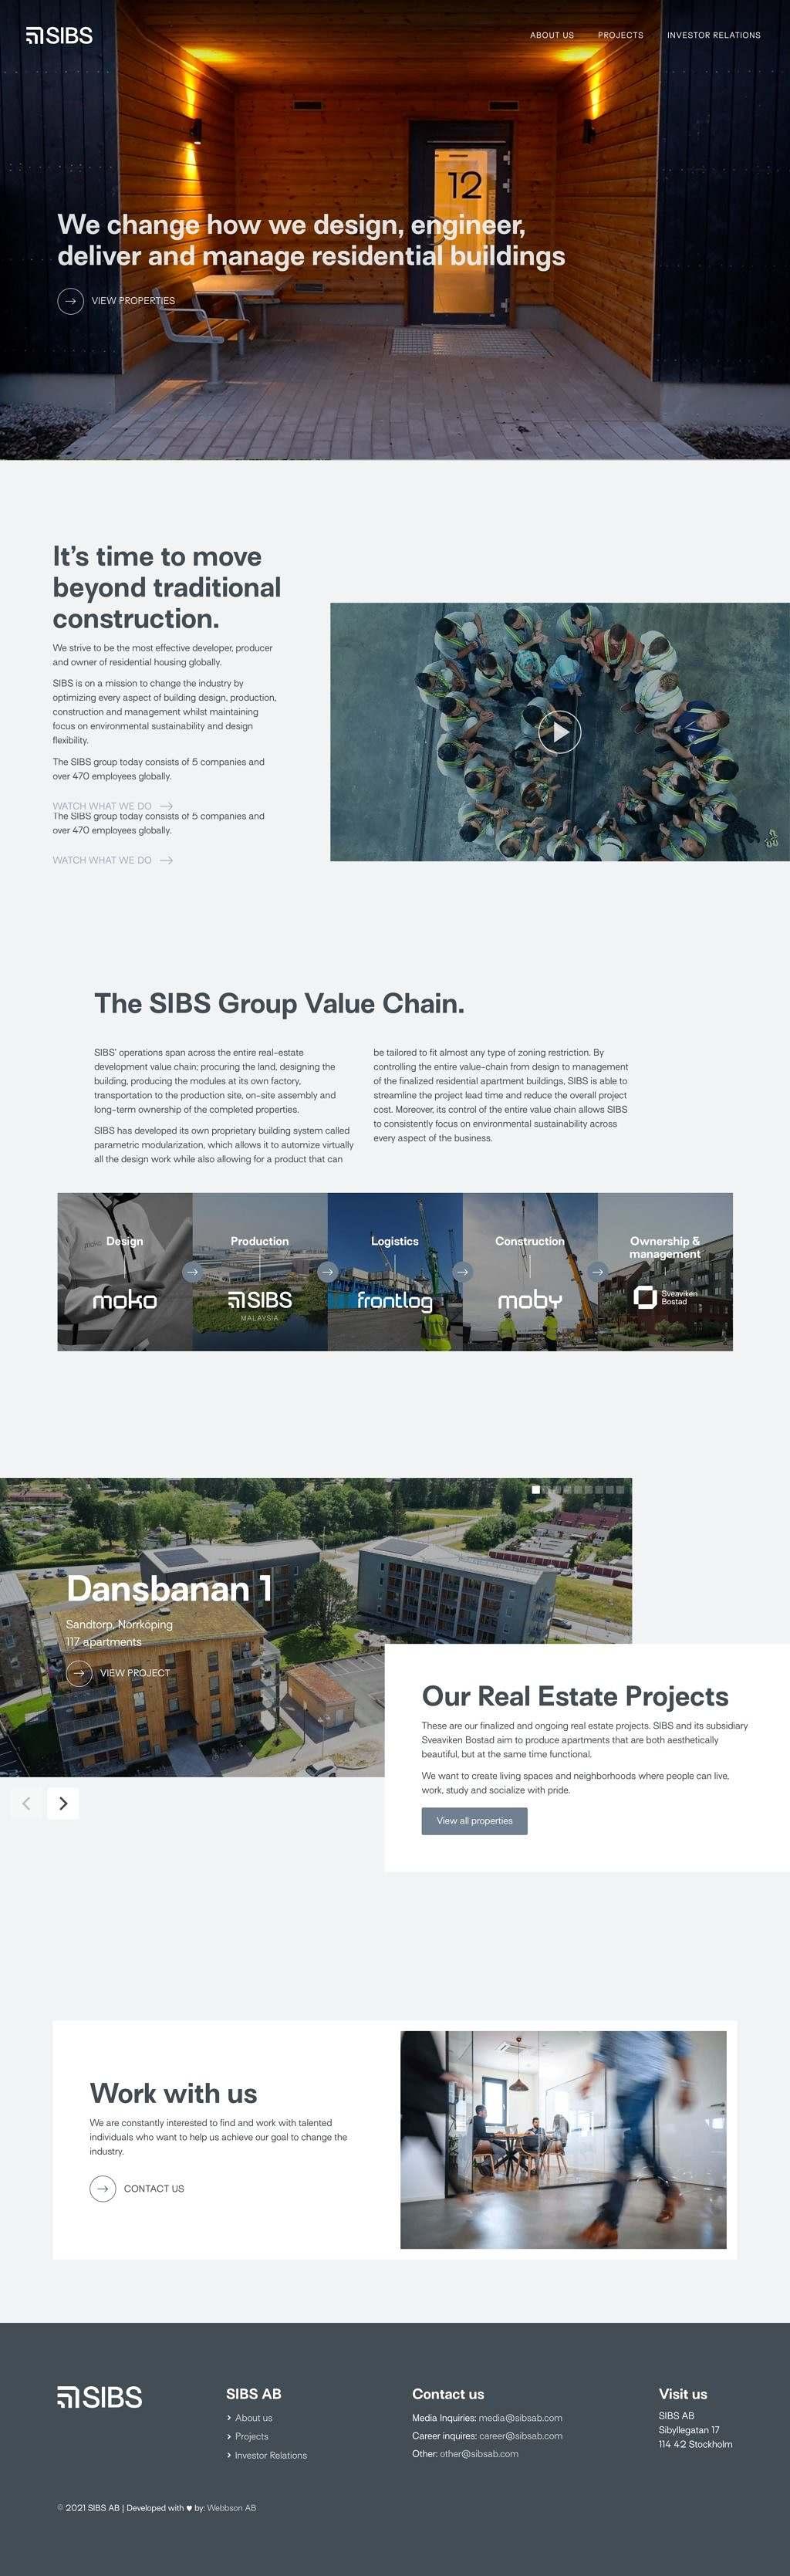 Webbson bygger en mobilanpassad hemsida till SIBS AB